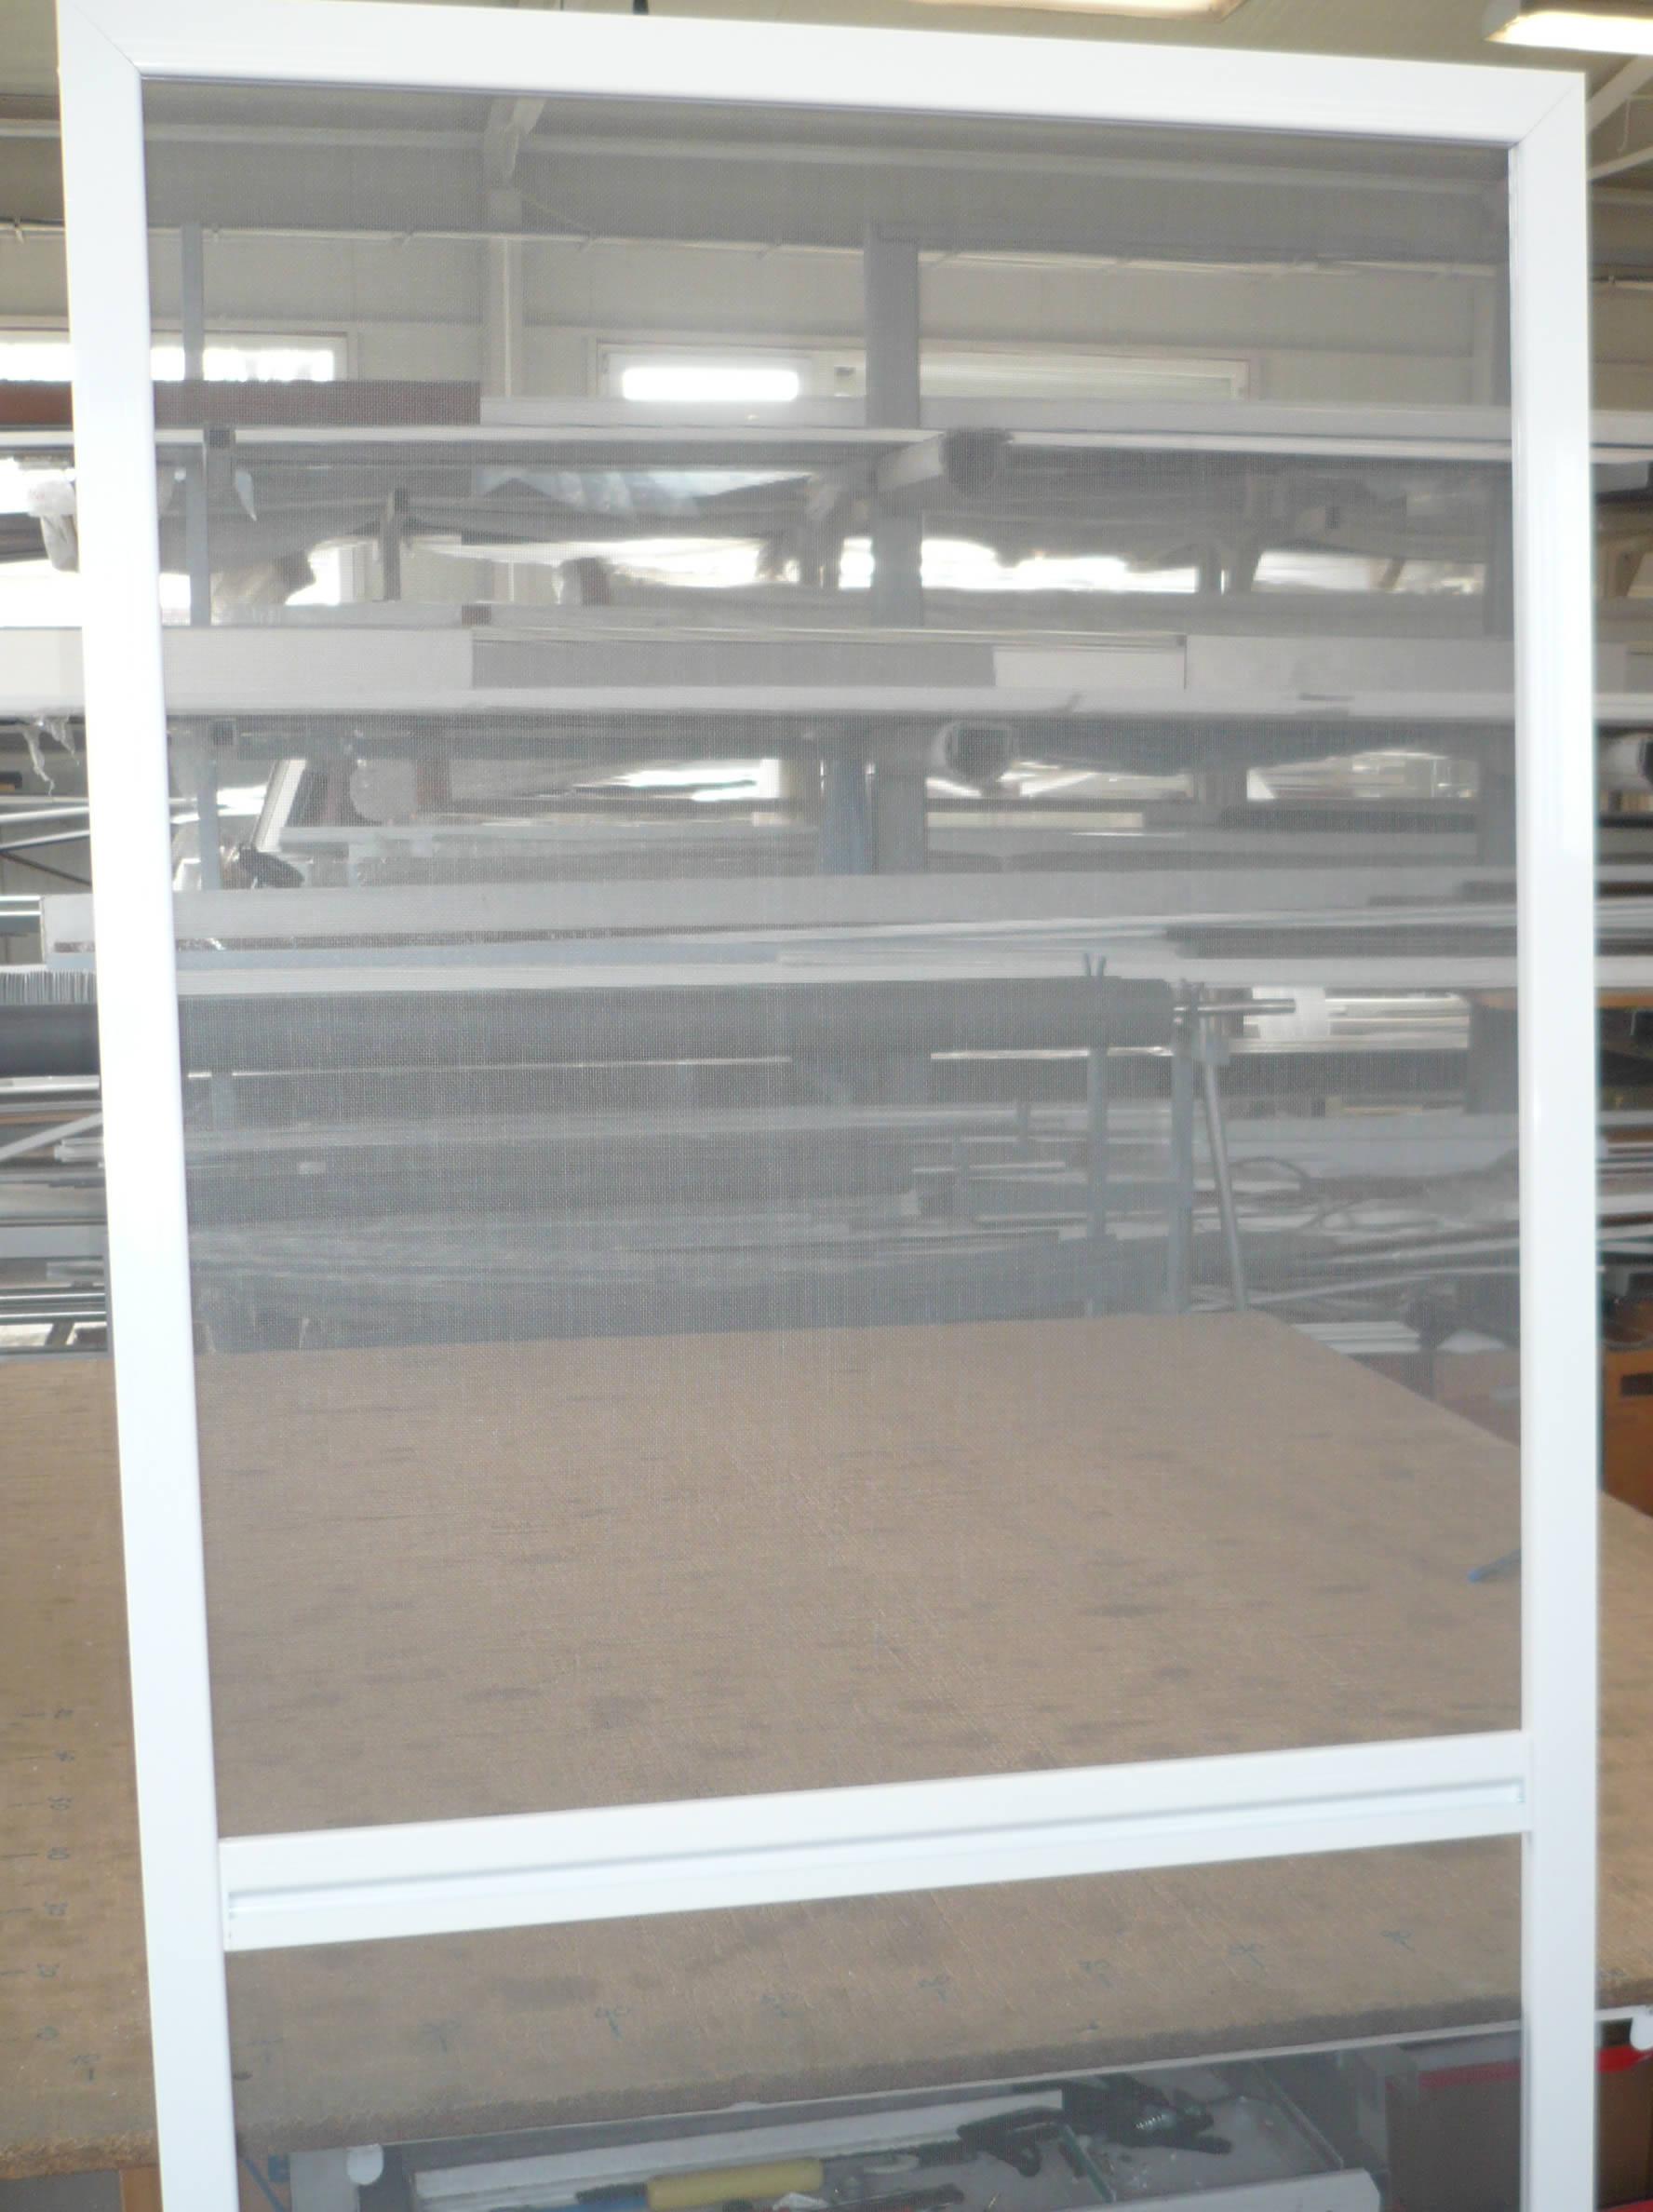 Nyíló szúnyogháló ajtó kintről nézve készen